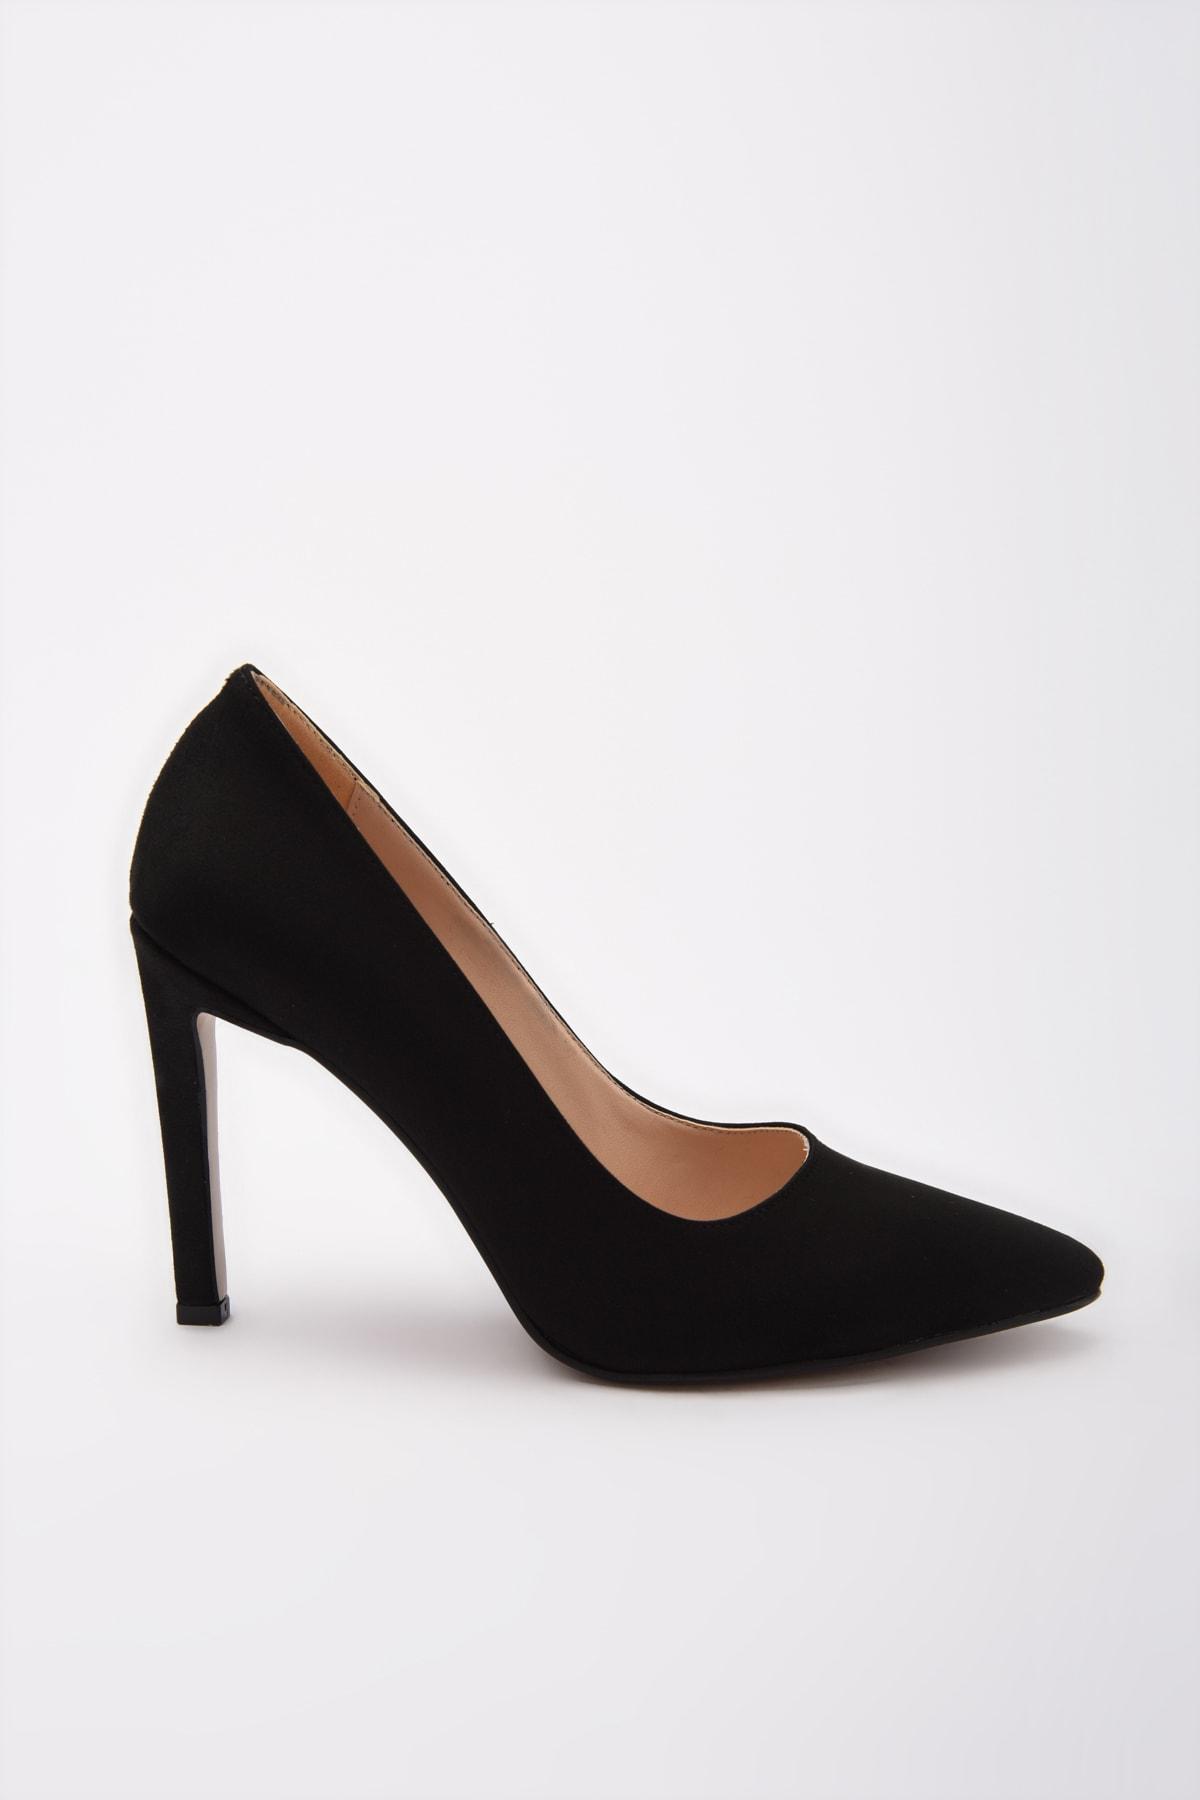 Yaya  by Hotiç Yaya by Hotiç Siyah Kadın Klasik Topuklu Ayakkabı